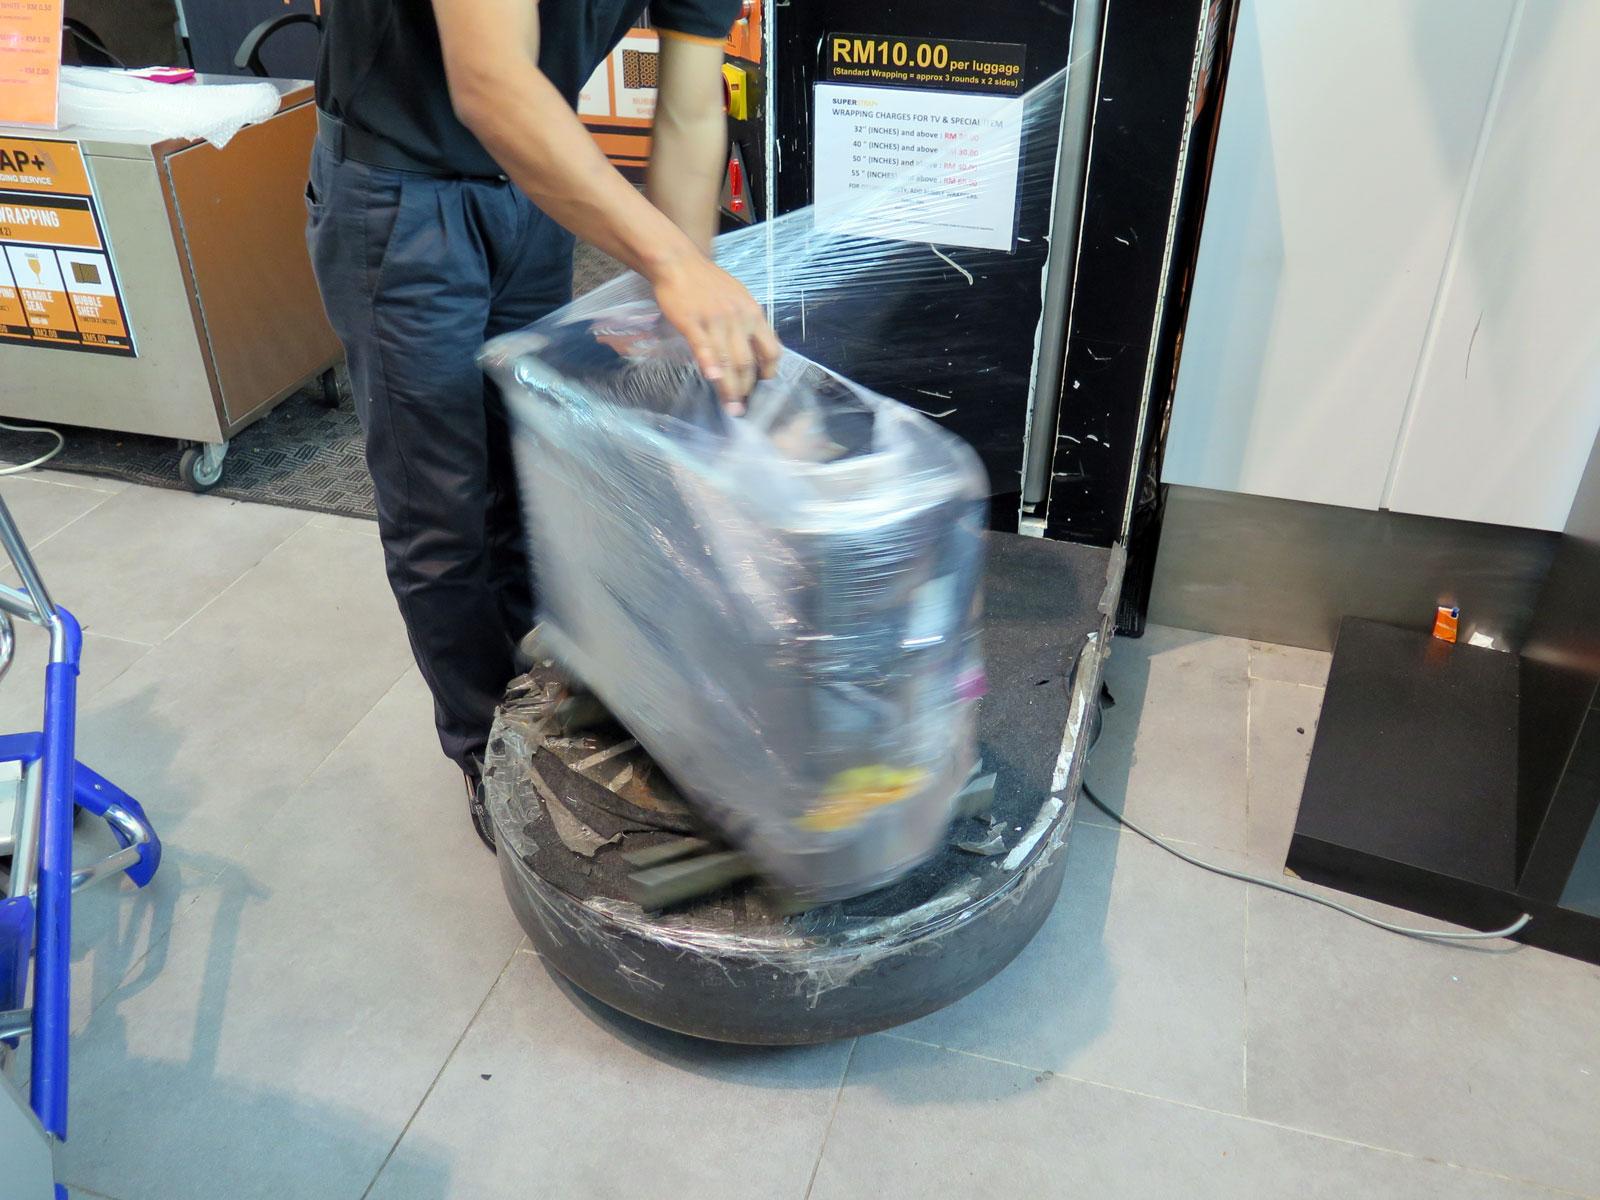 Baggage wrap bukanlah cara efektif mencegah pencurian bagasi!